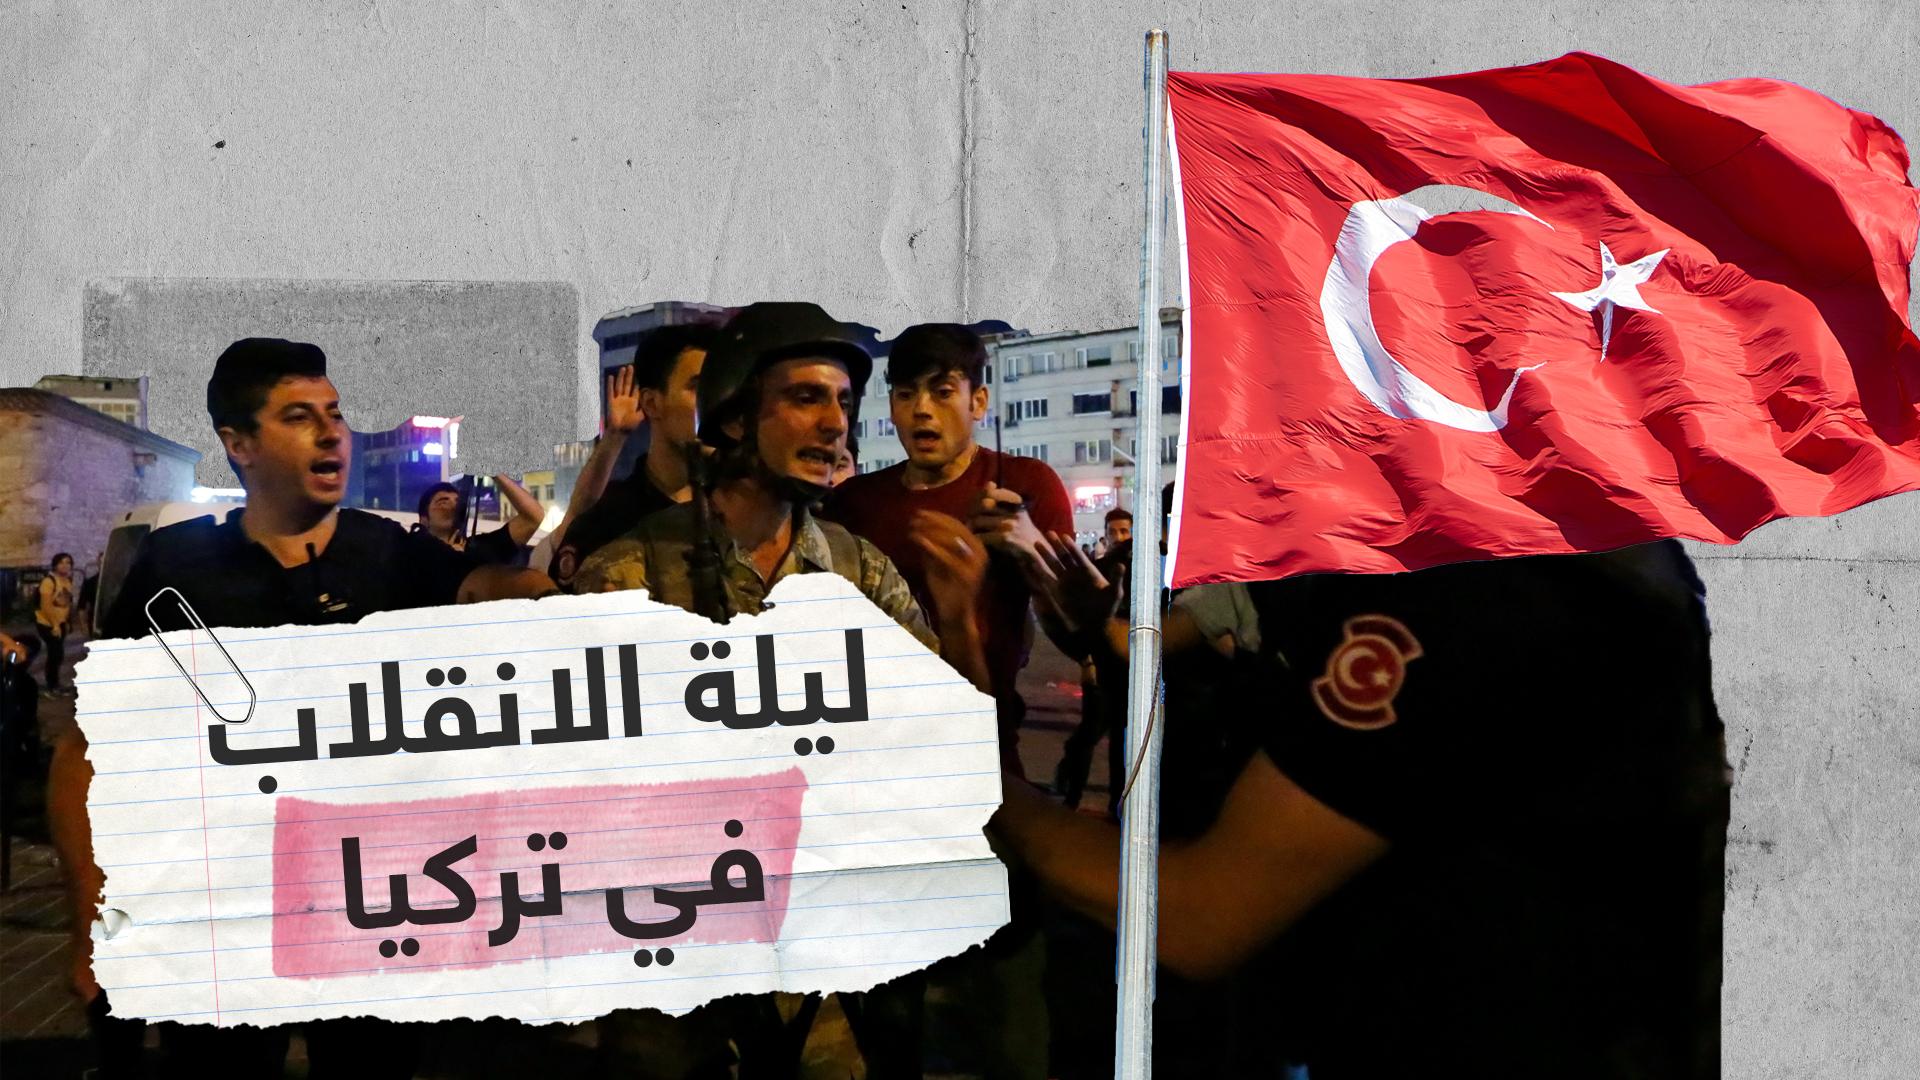 ماذا حدث ليلة محاولة الانقلاب في تركيا؟